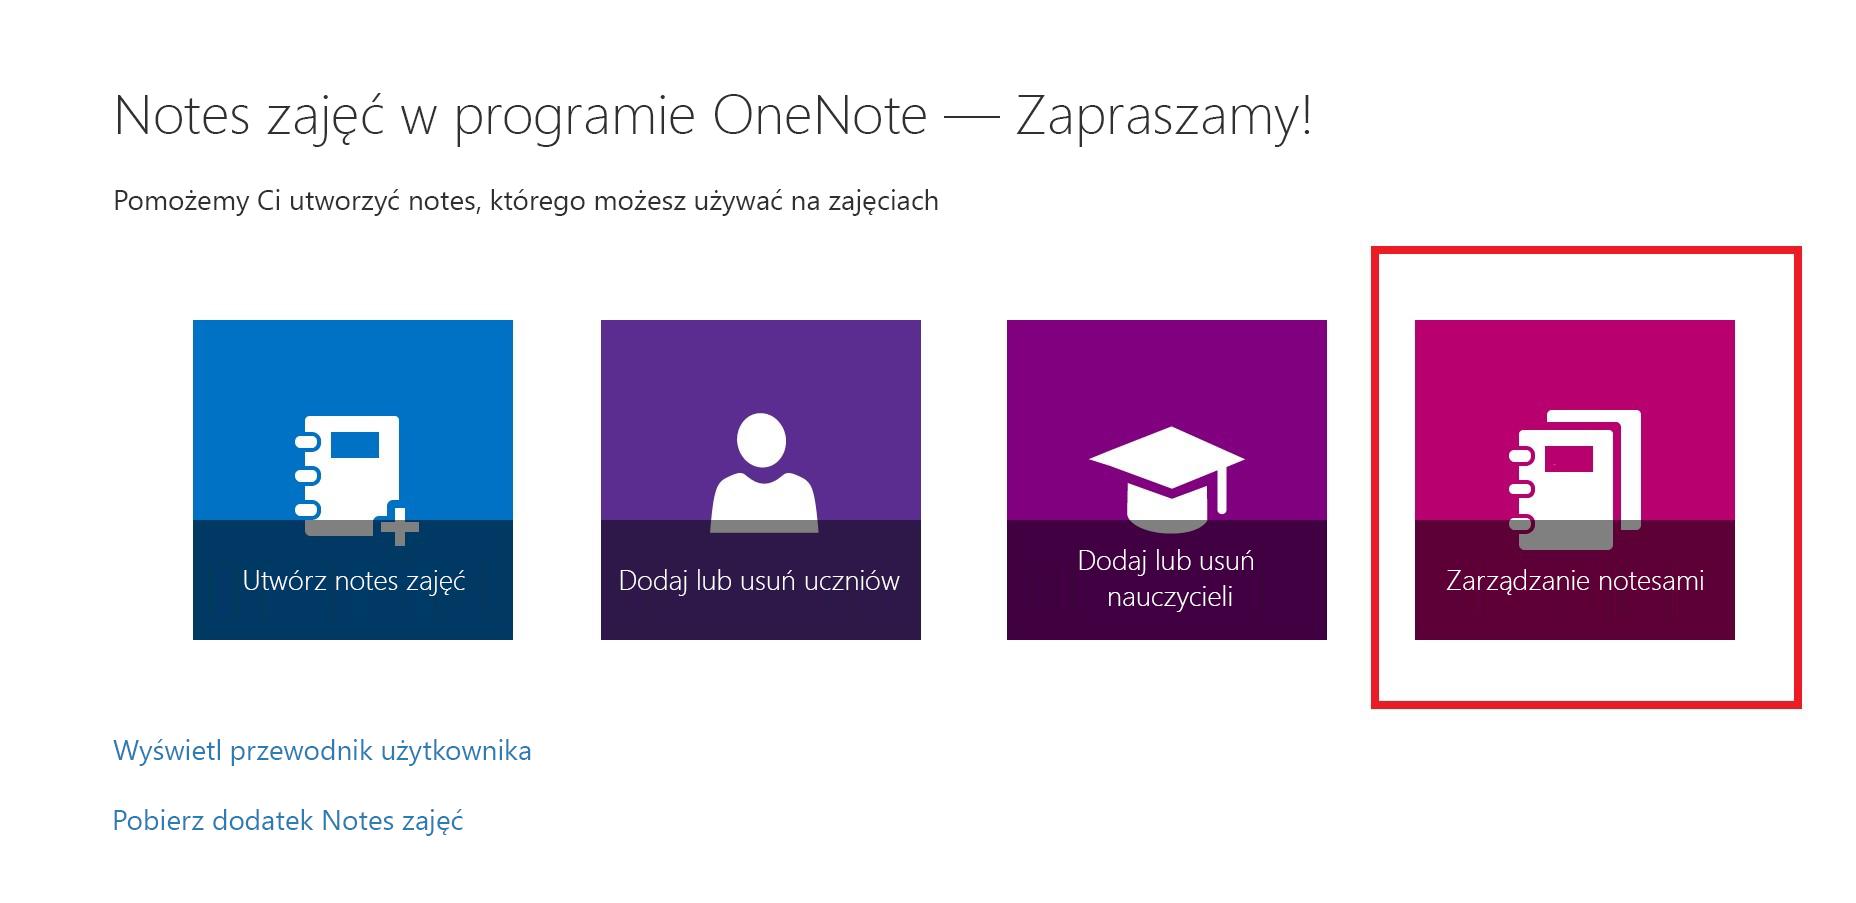 Zrzut ekranu przedstawiający ikonę Lista notesów.